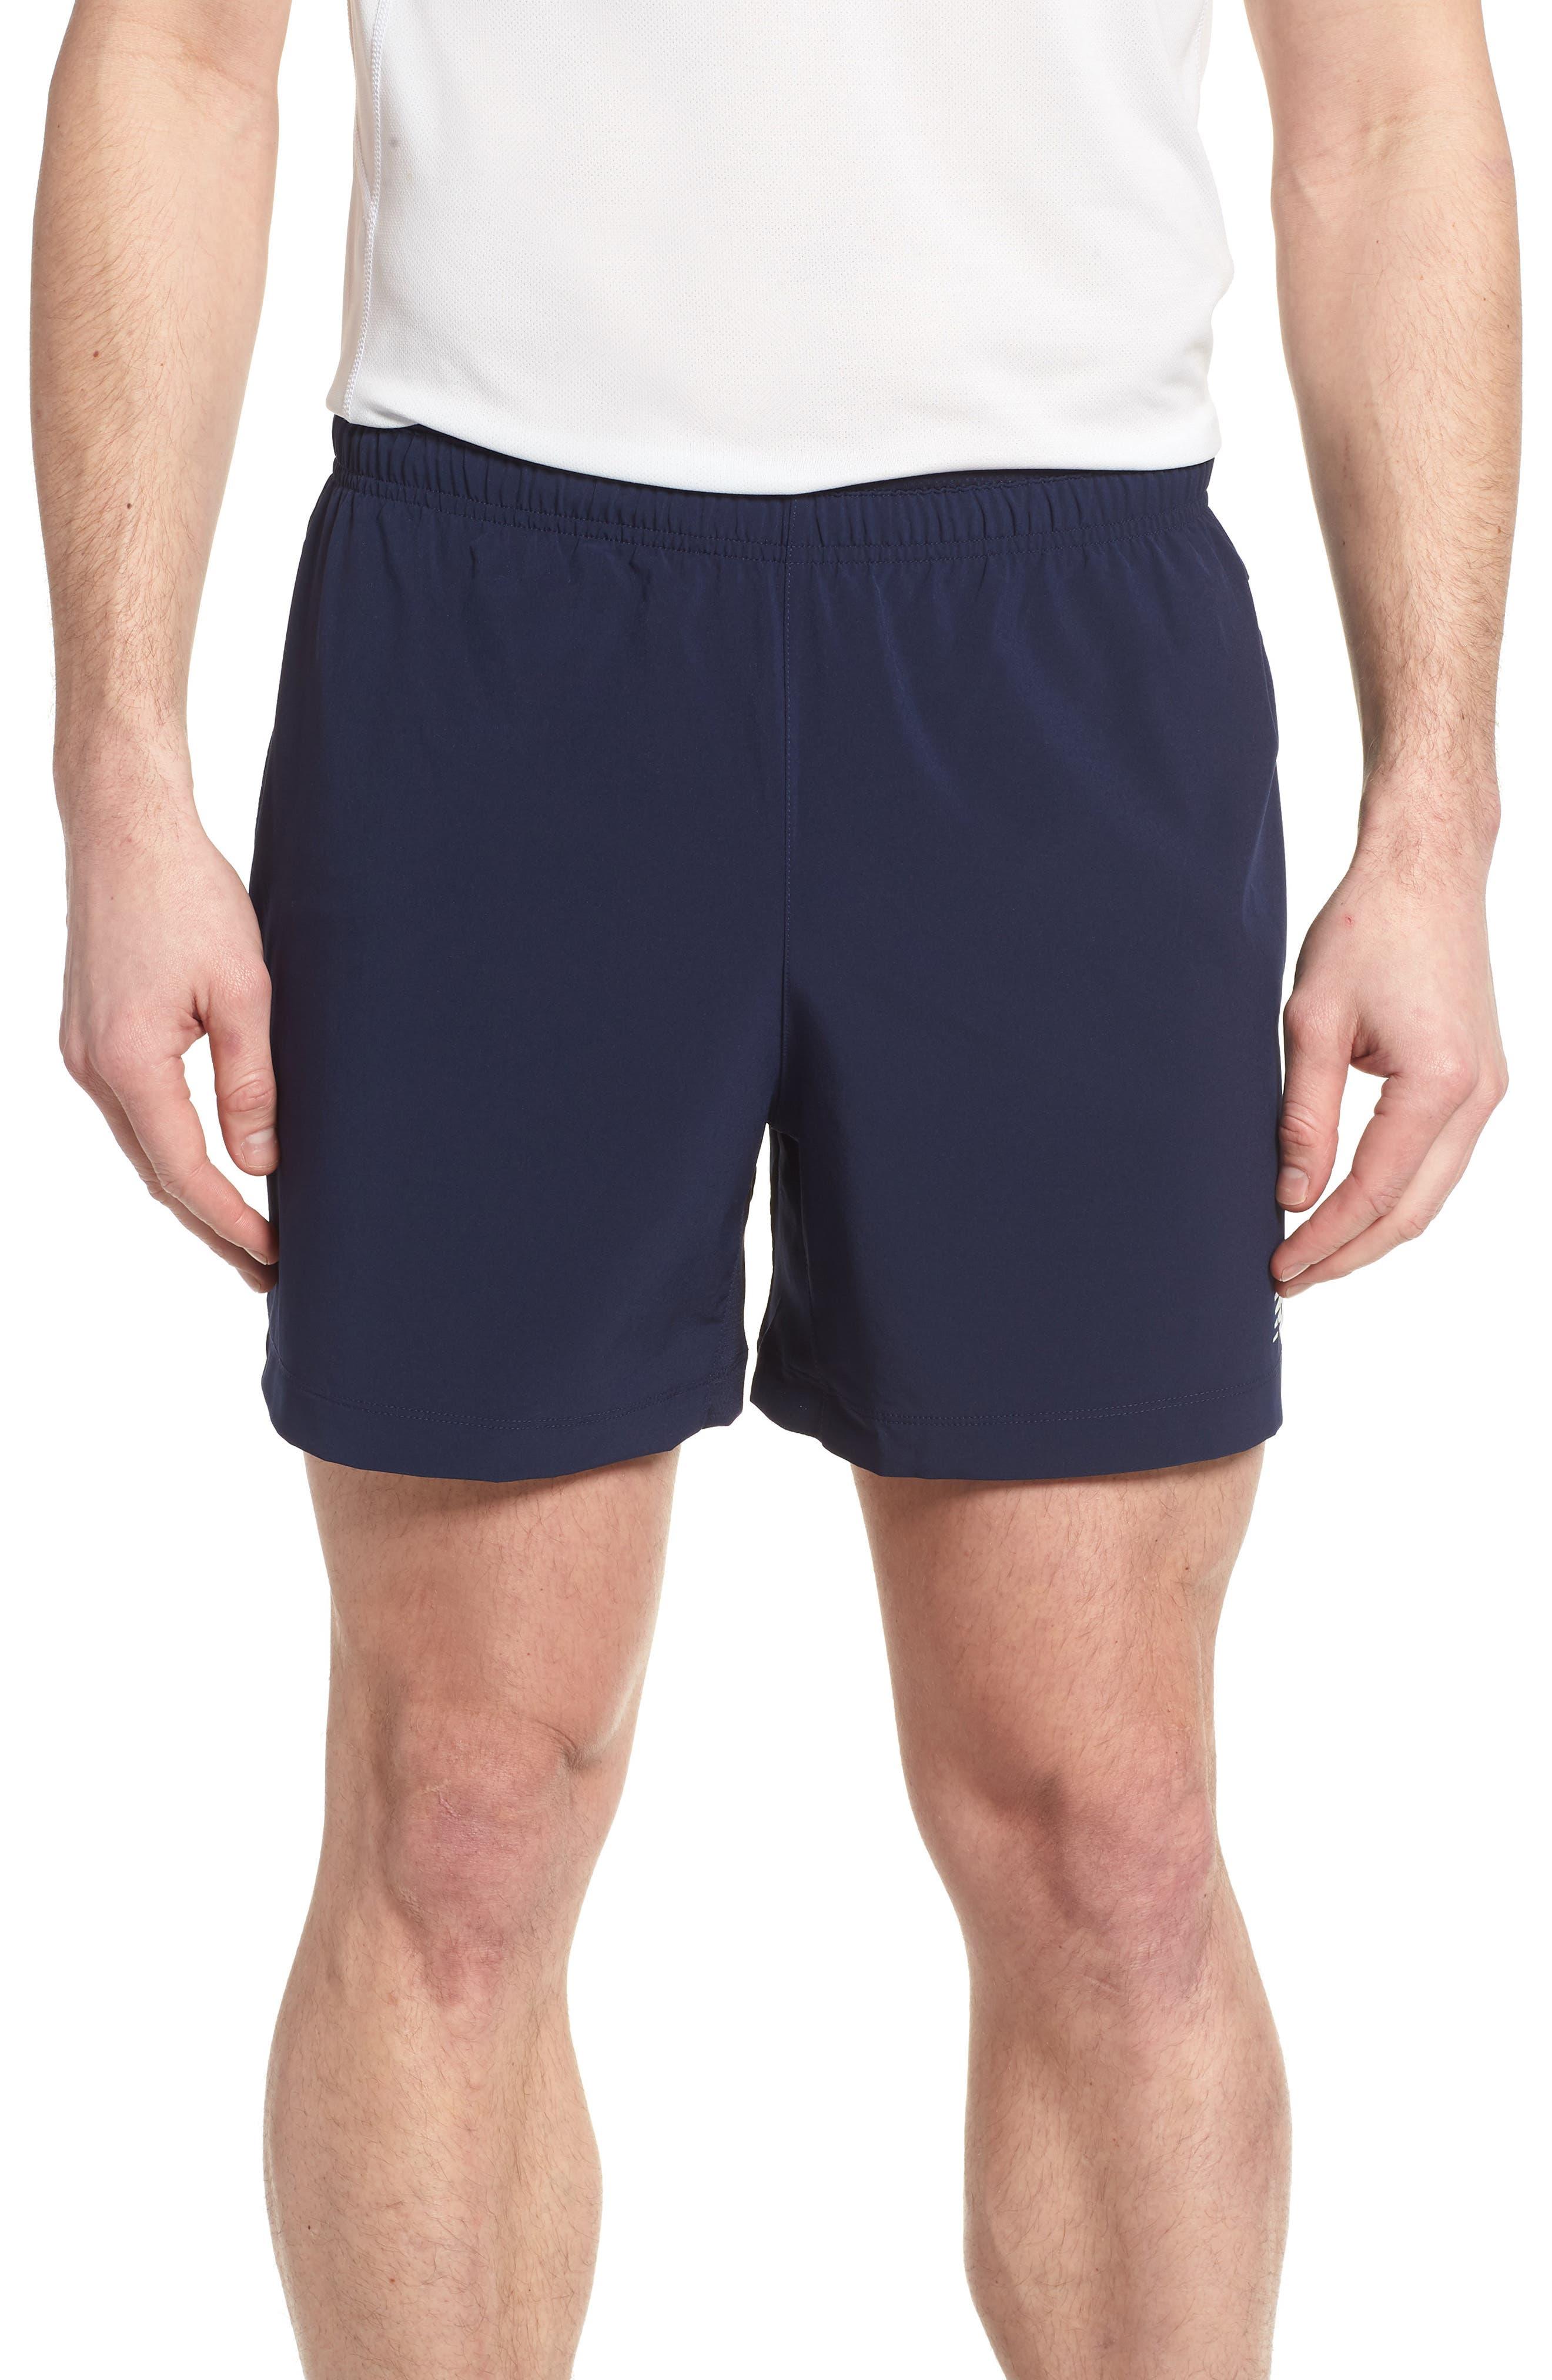 Alternate Image 1 Selected - New Balance Impact Shorts